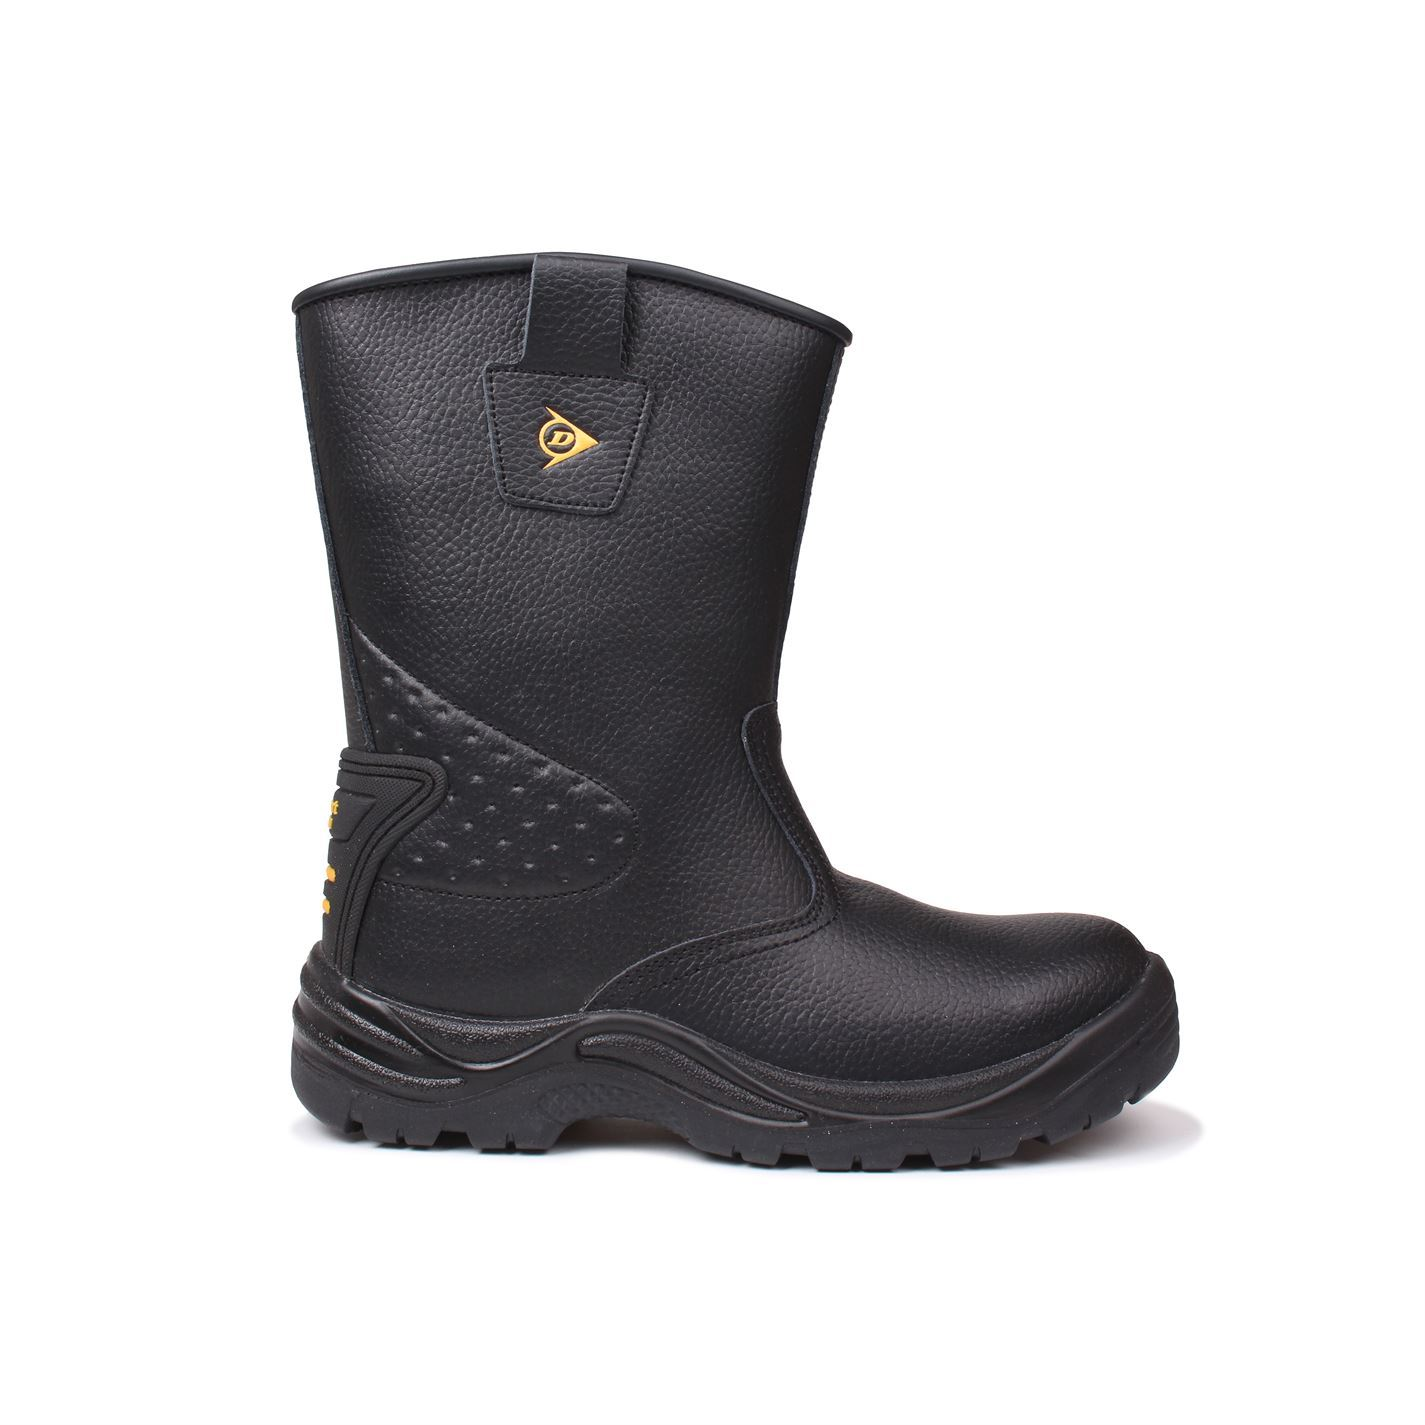 Dunlop Steel Toe Shoes